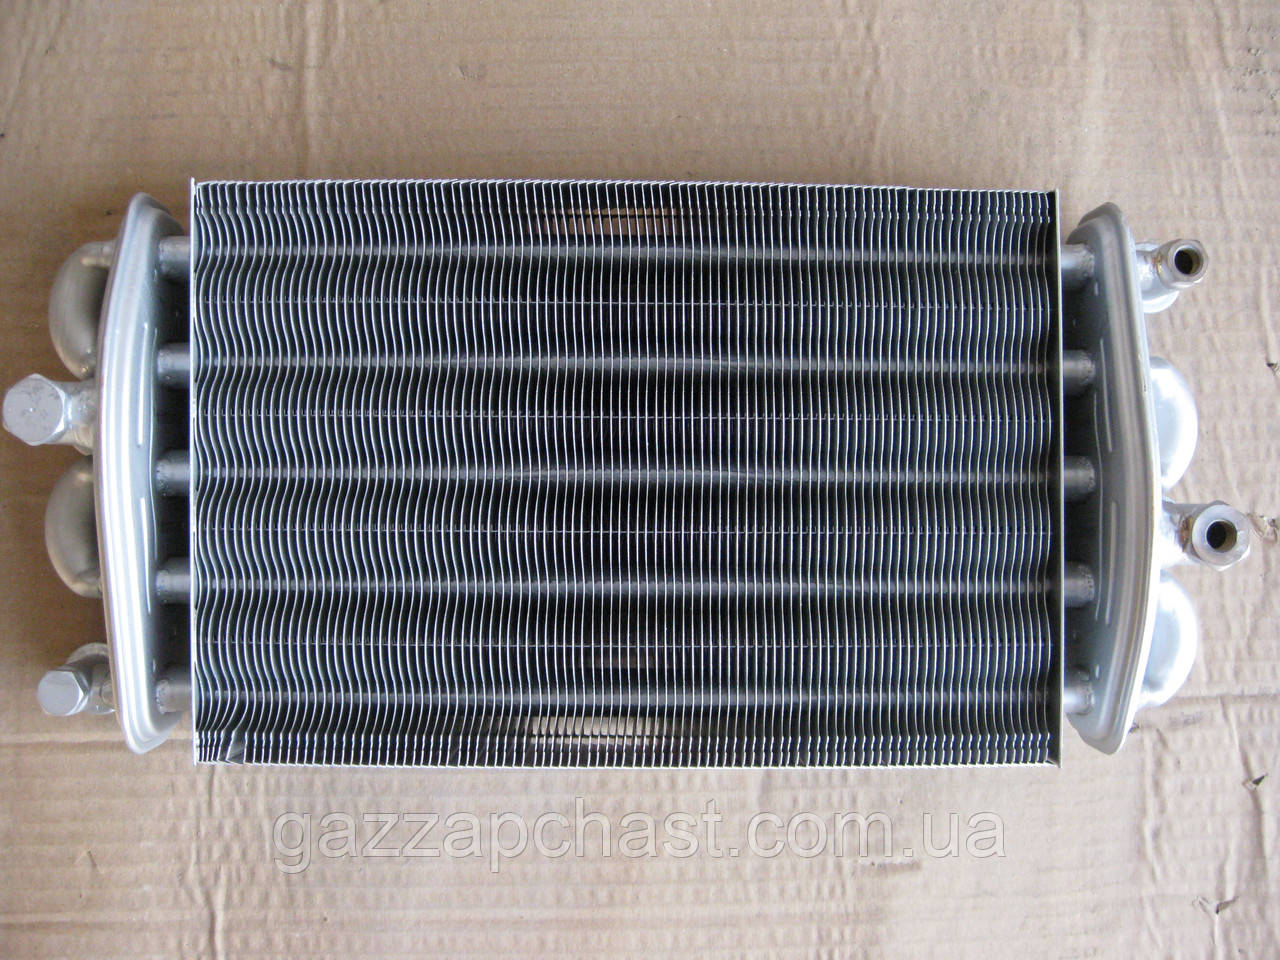 Теплообменники котлов нова флорида Пластинчатый теплообменник Alfa Laval AQ14S-FG Уфа